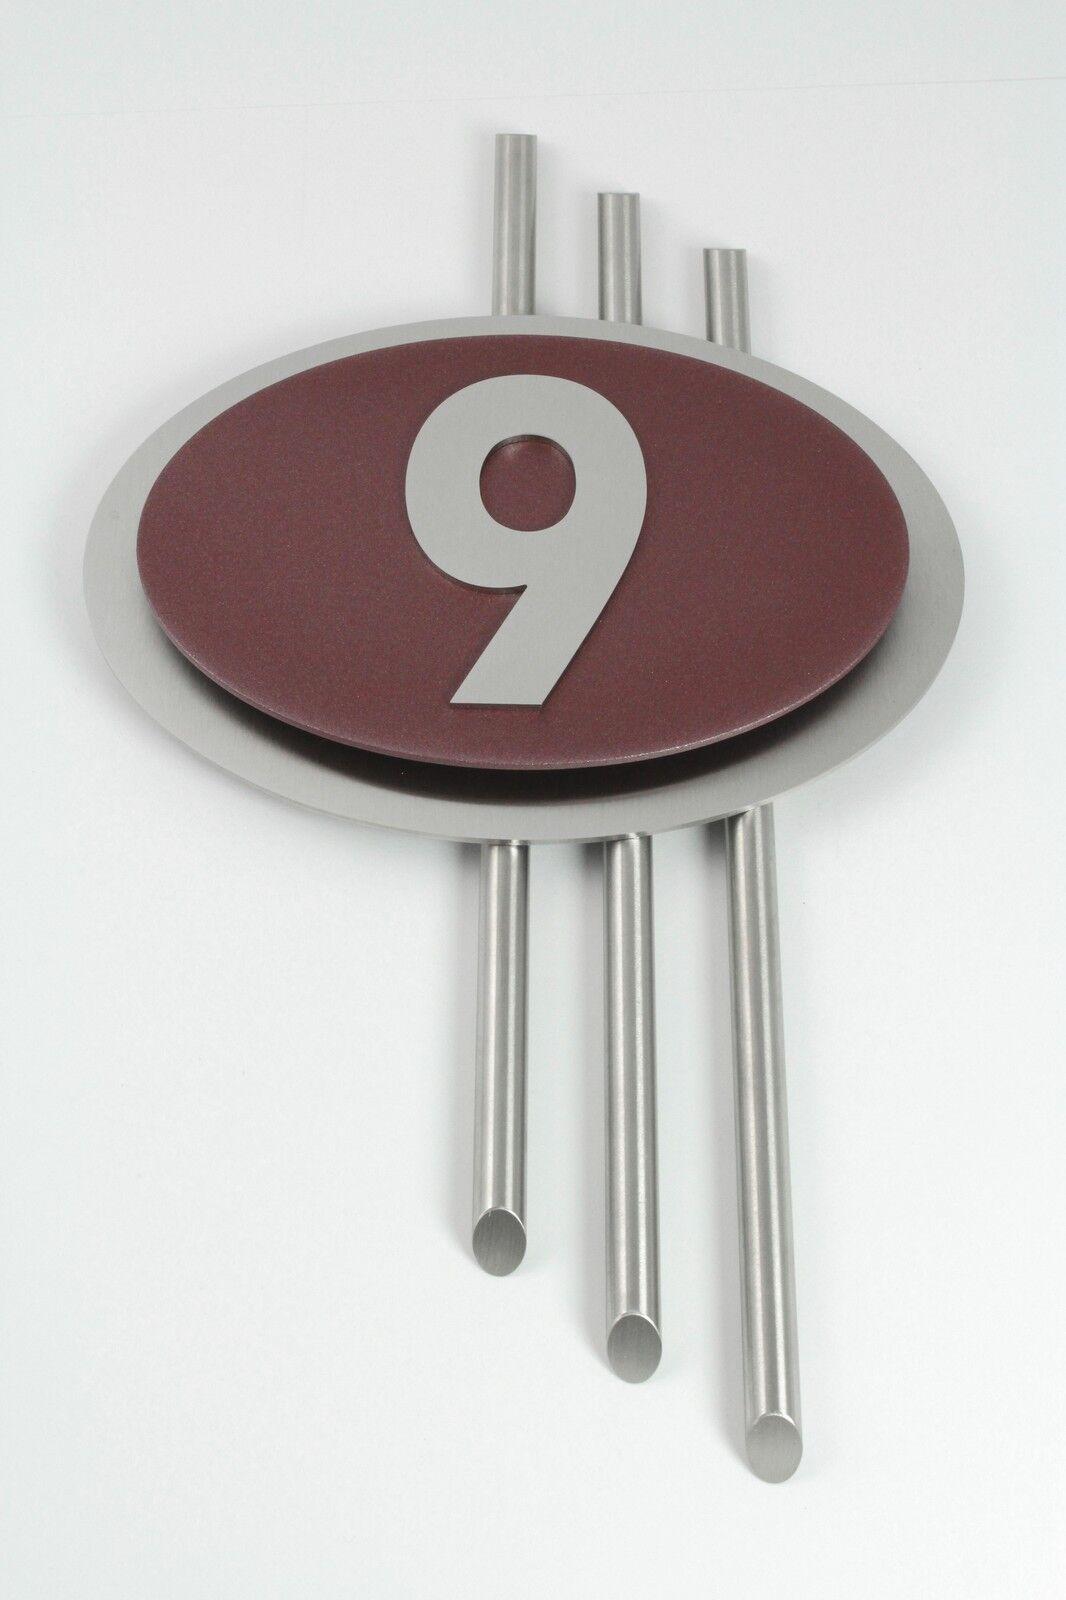 Hausnummer Edelstahl Bordeaux Design Galaxy Zahl 1-9 V2A Zierstangen